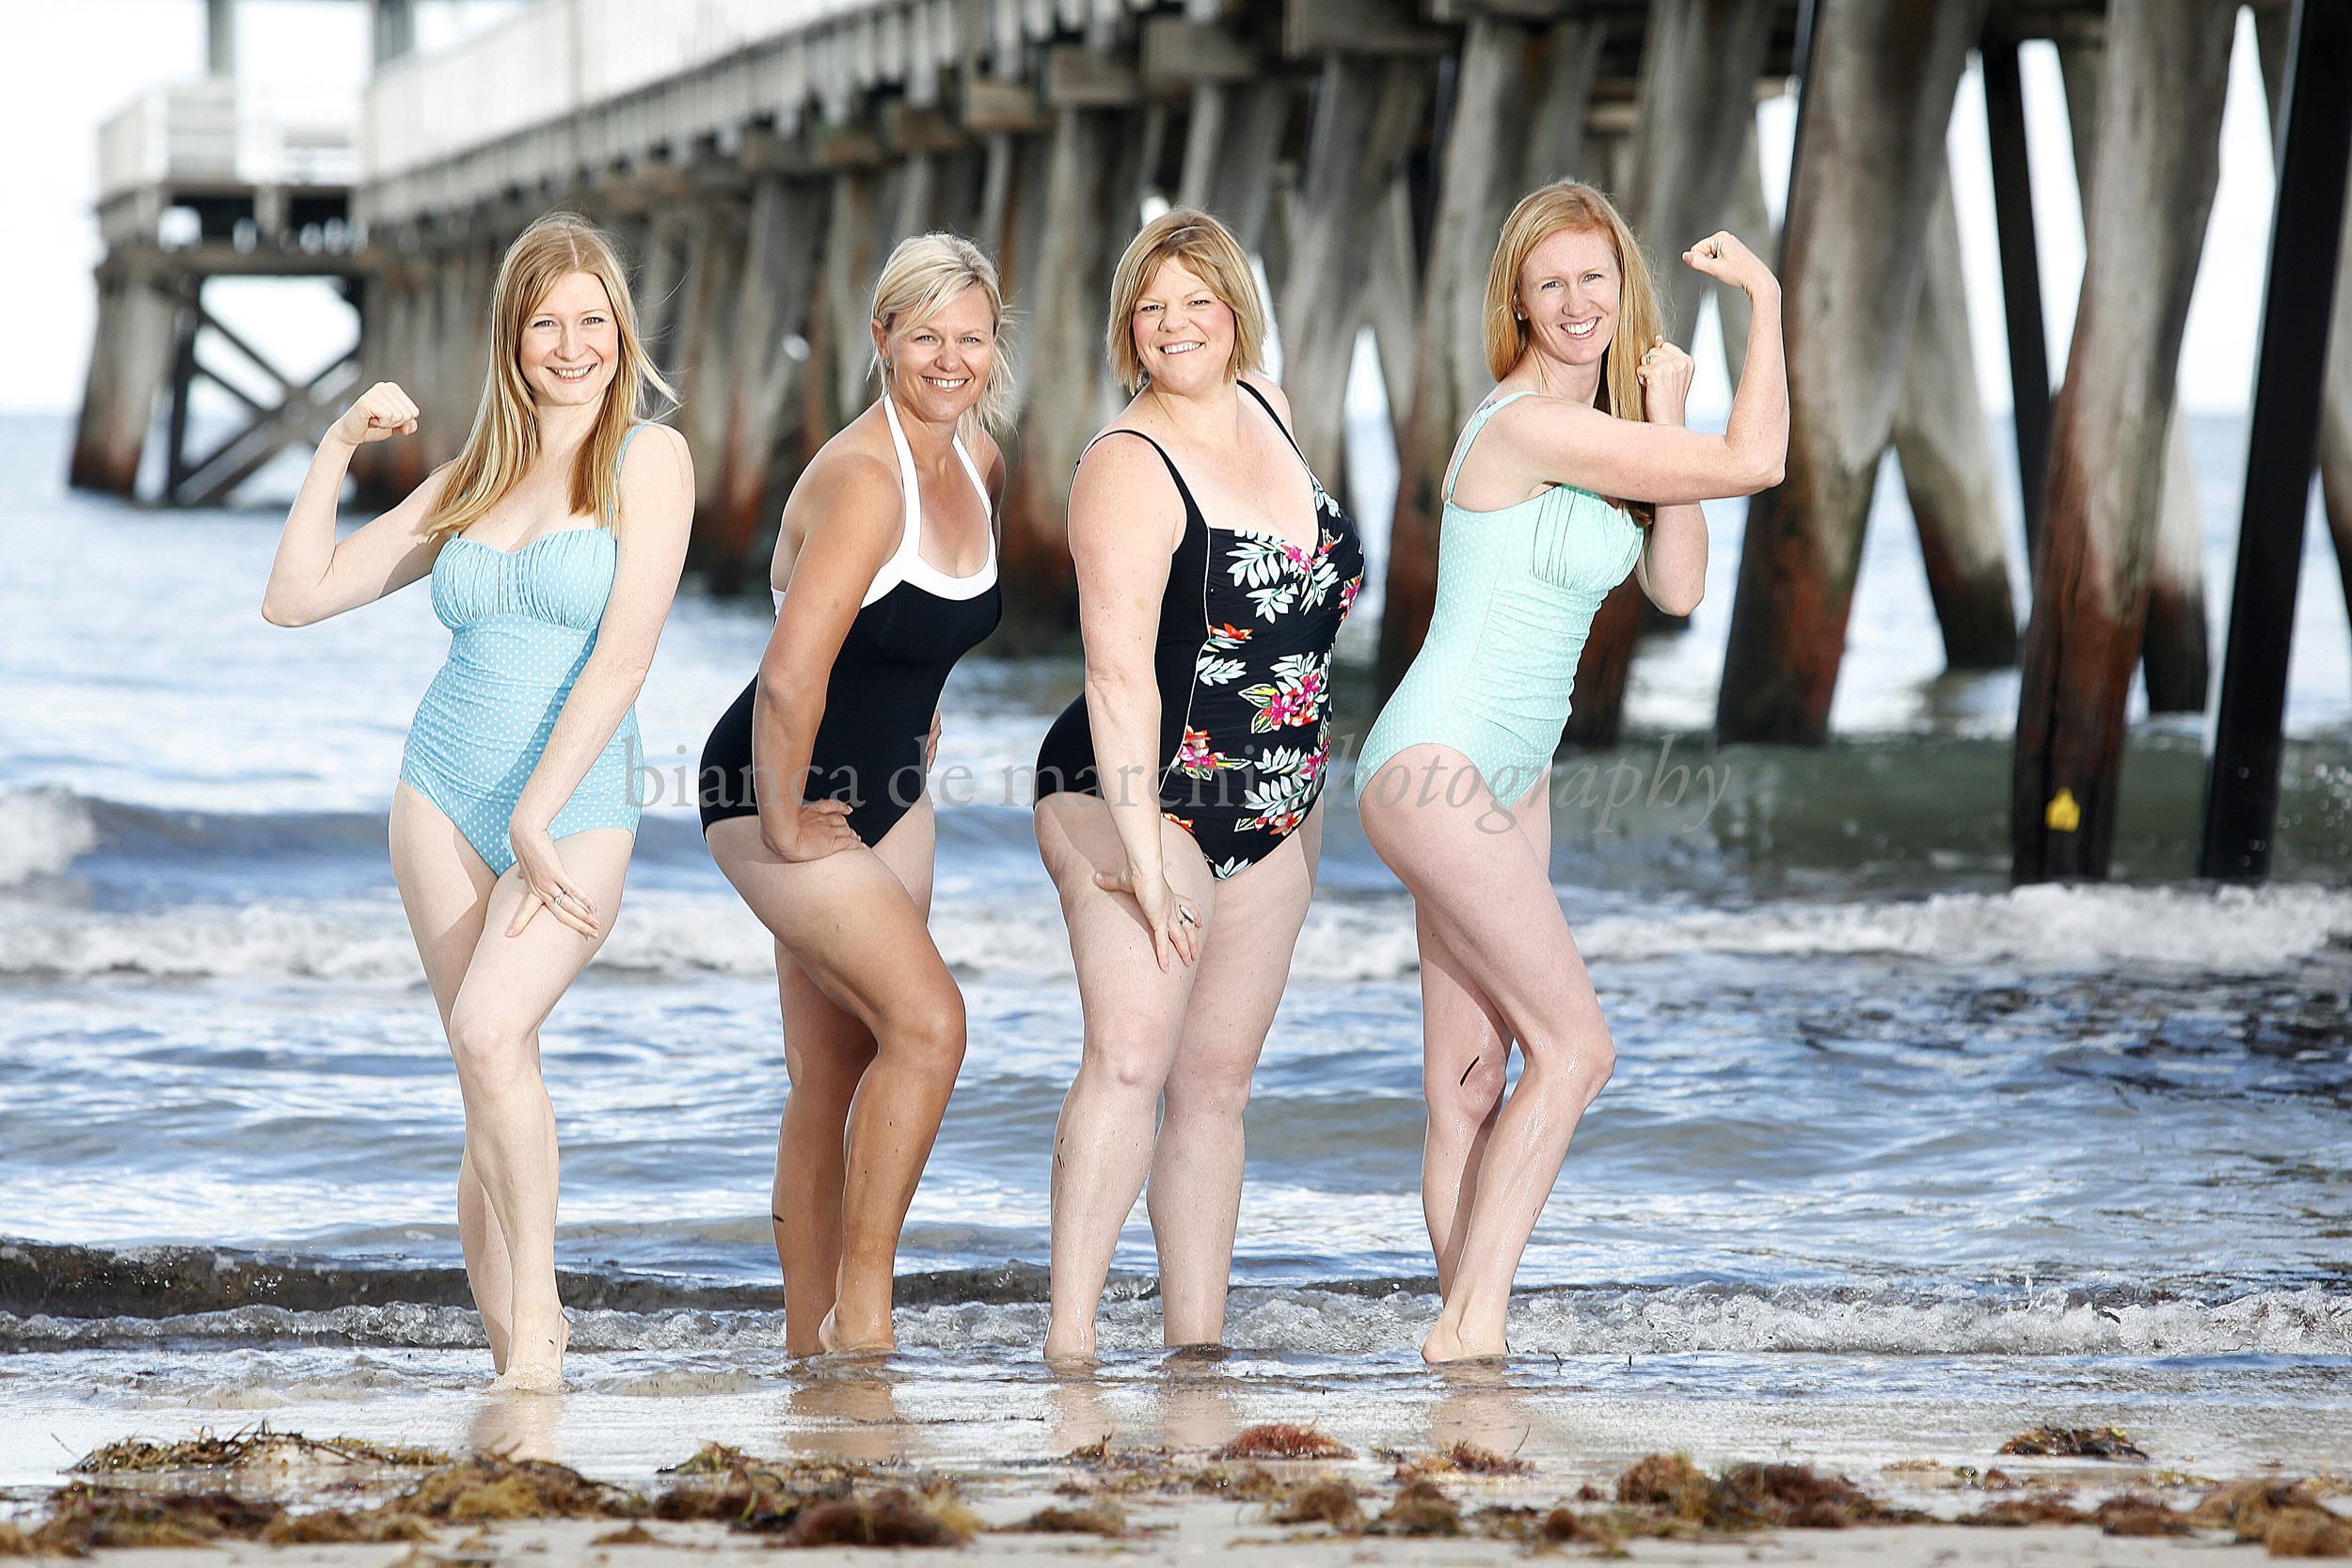 ADELAIDE WOMEN BARE ALL FOR BODY CONFIDENCE-233100.jpg